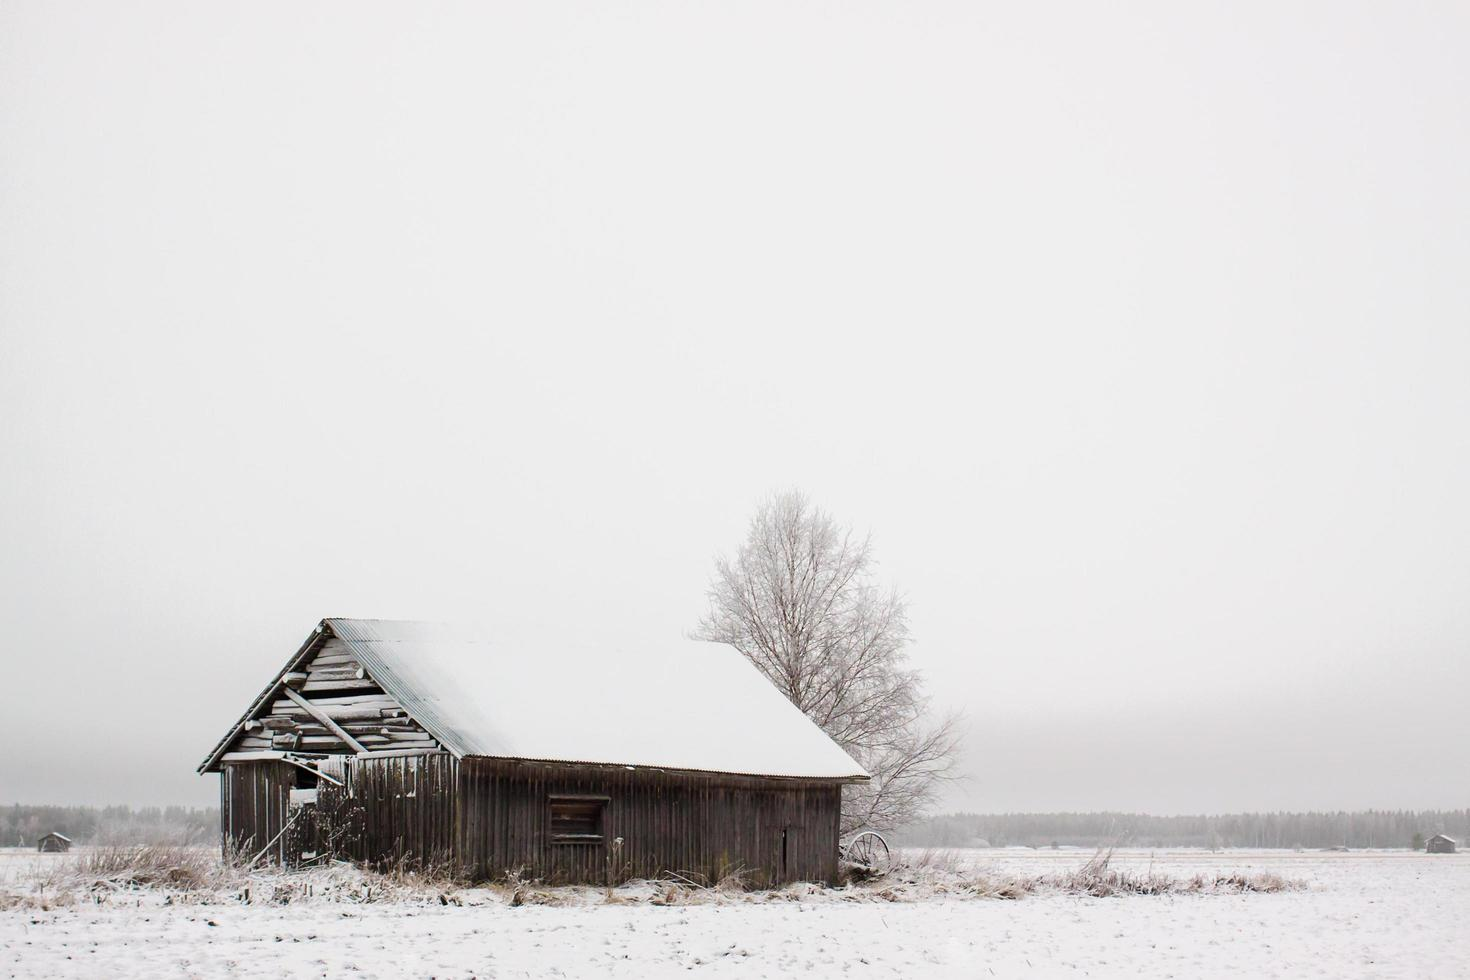 Grange en bois sur champ couvert de neige photo